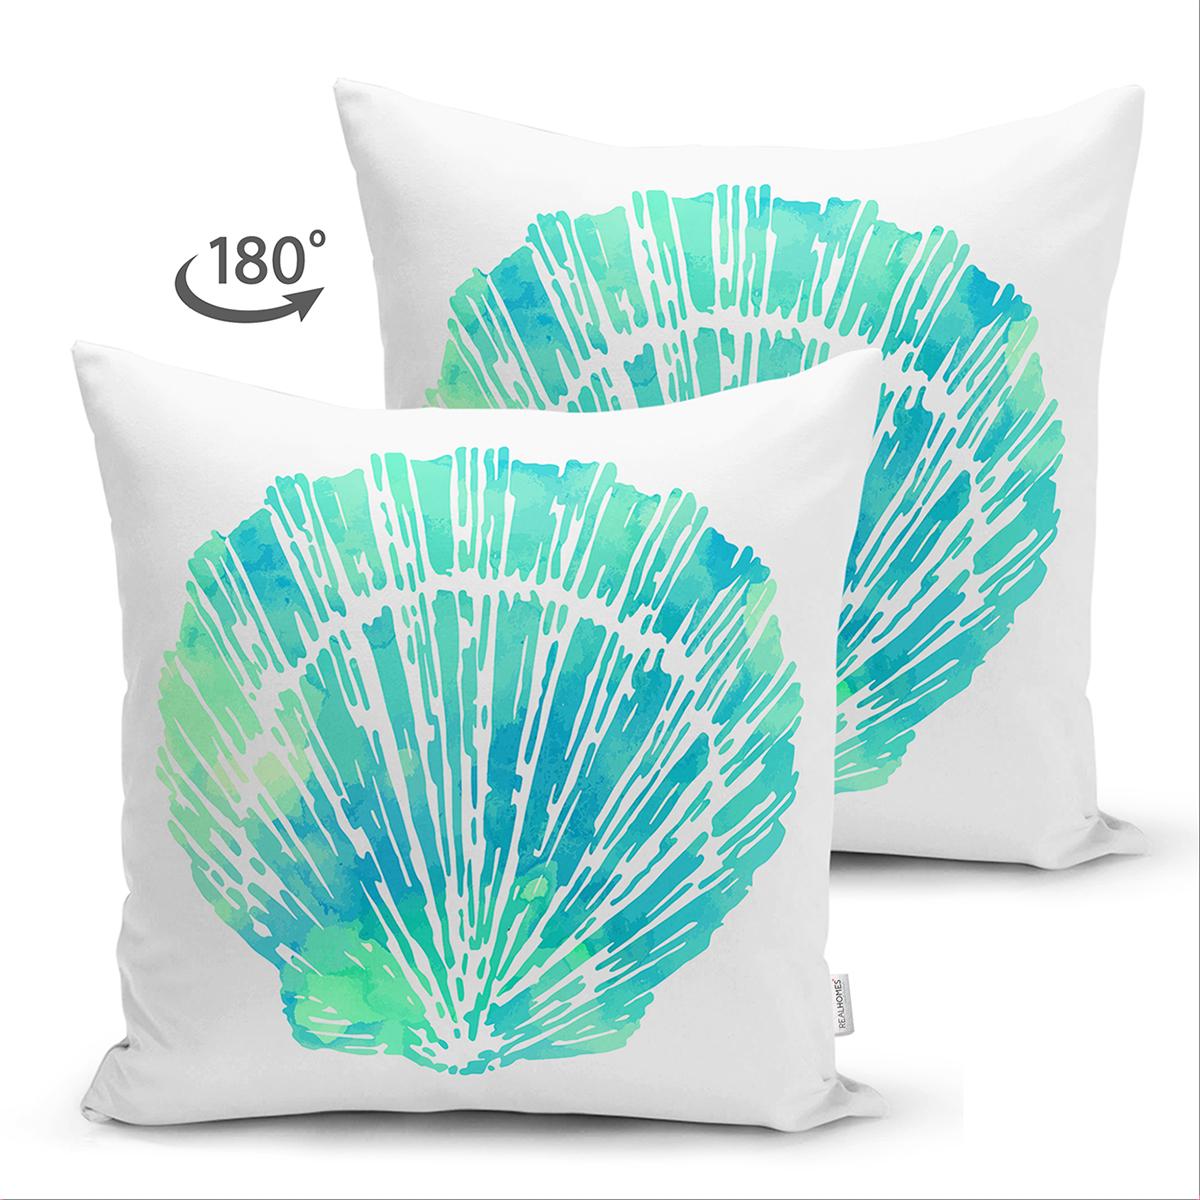 Çift Taraflı Beyaz Zeminde Yeşil Renkli Deniz Kabuğu Desenli Modern Süet Yastık Kırlent Kılıfı Realhomes